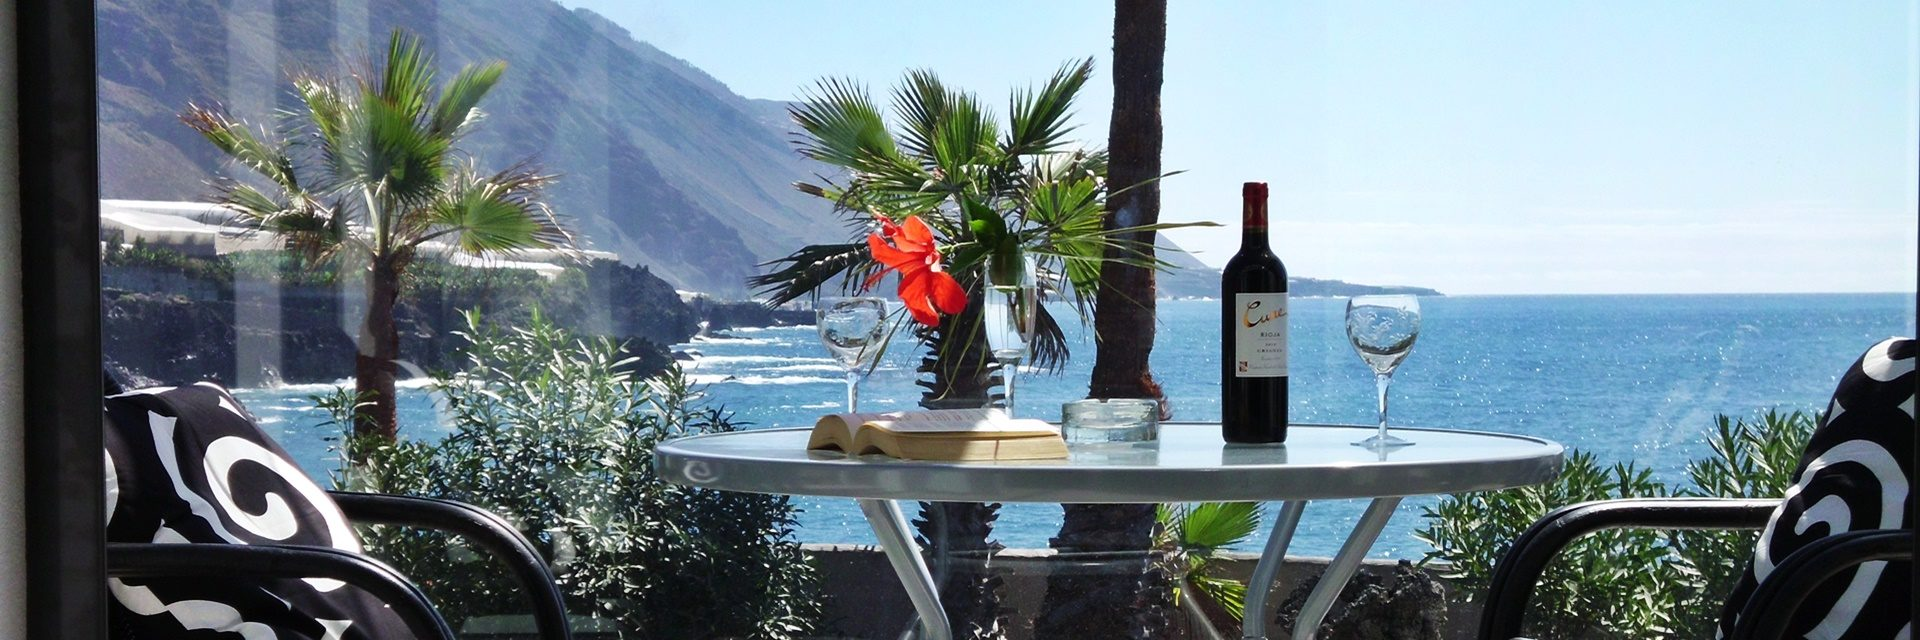 Vakantie bungalow Casa Herbert - La Palma - Canarische Eilanden